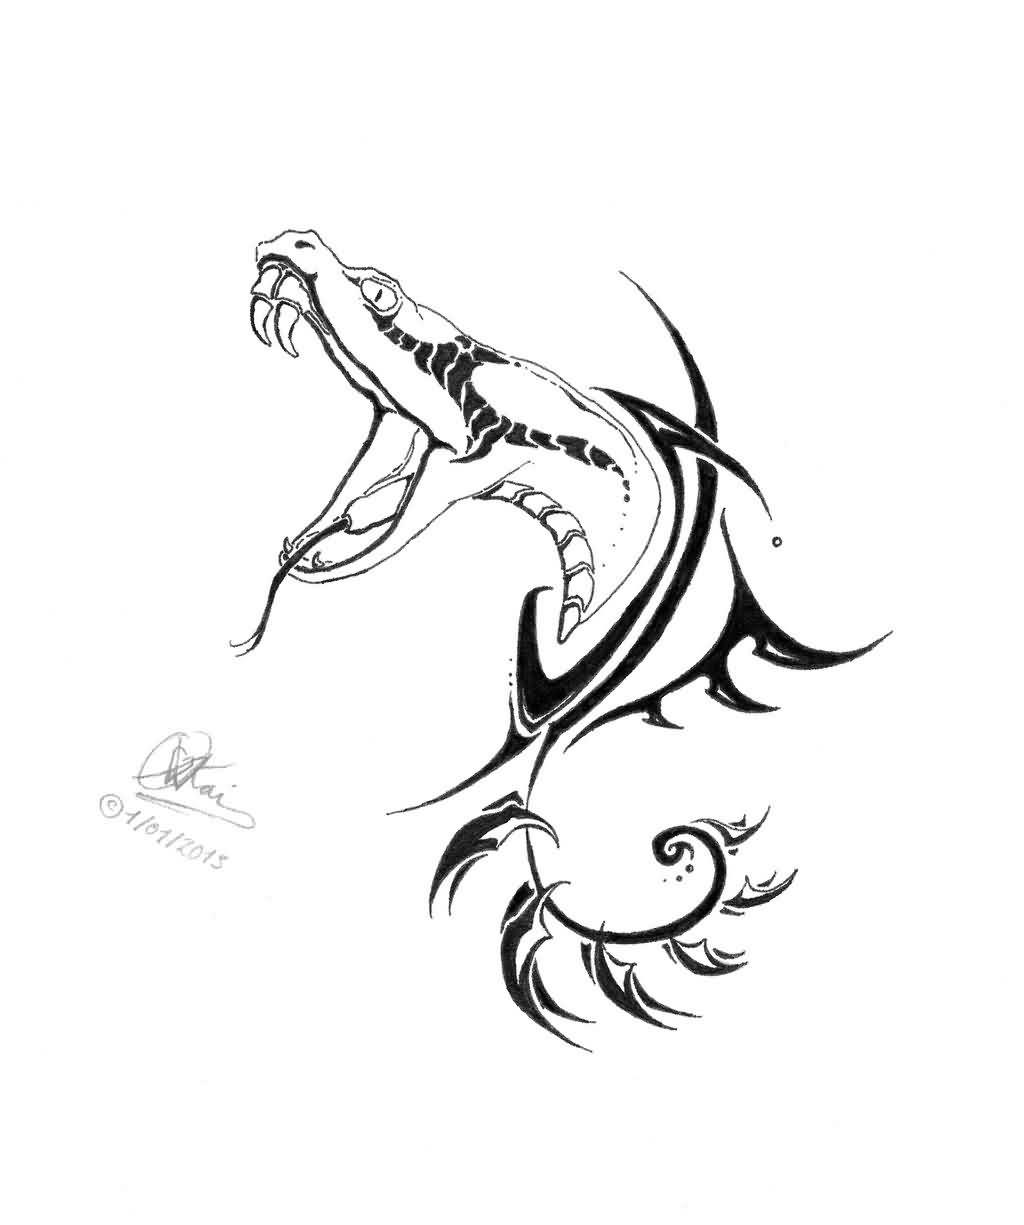 Drawn snake angry snake Angry Angry Design Tribal With